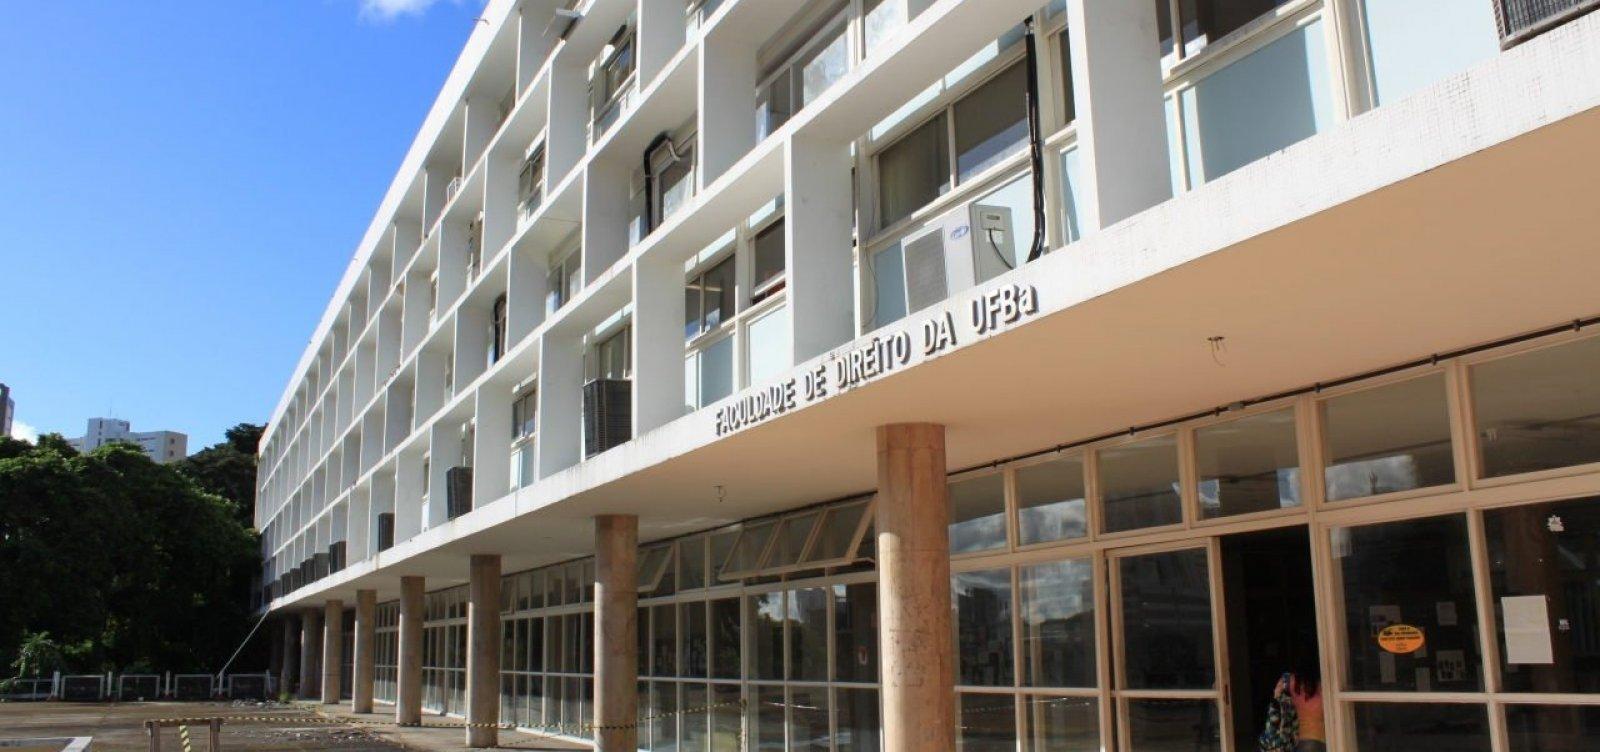 Faculdade de Direito da UFBA celebra 130 anos em evento virtual nesta quinta